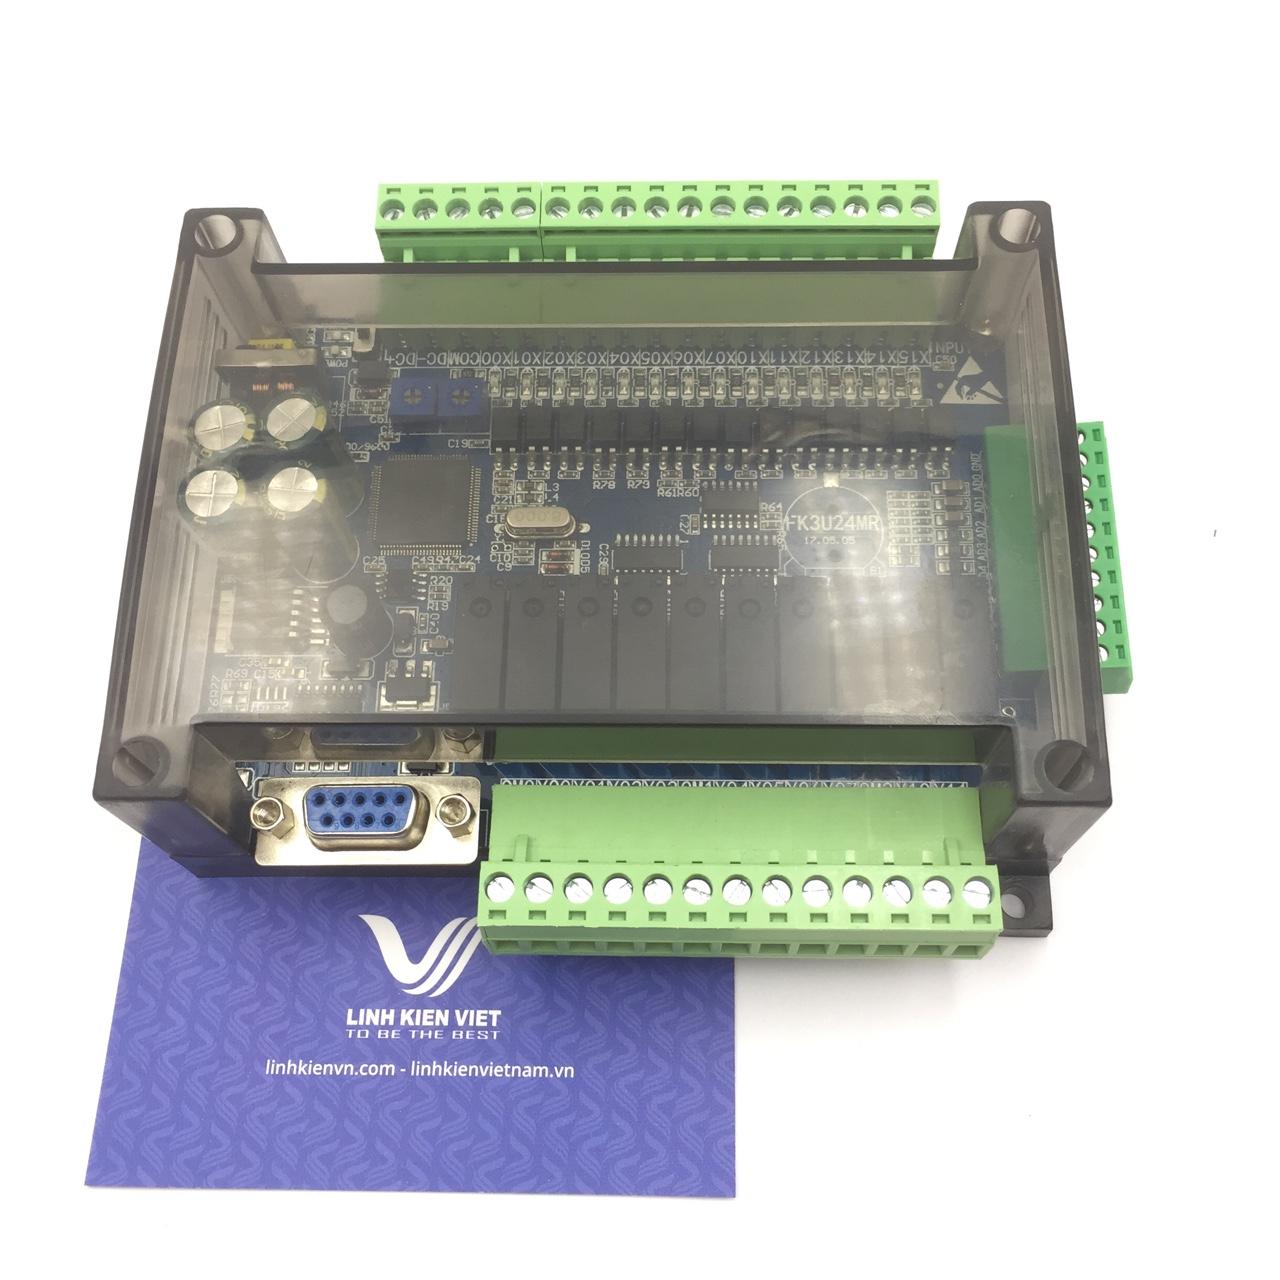 Bo mạch PLC FX3U-24MR có vỏ tích hợp 6AD 2DA